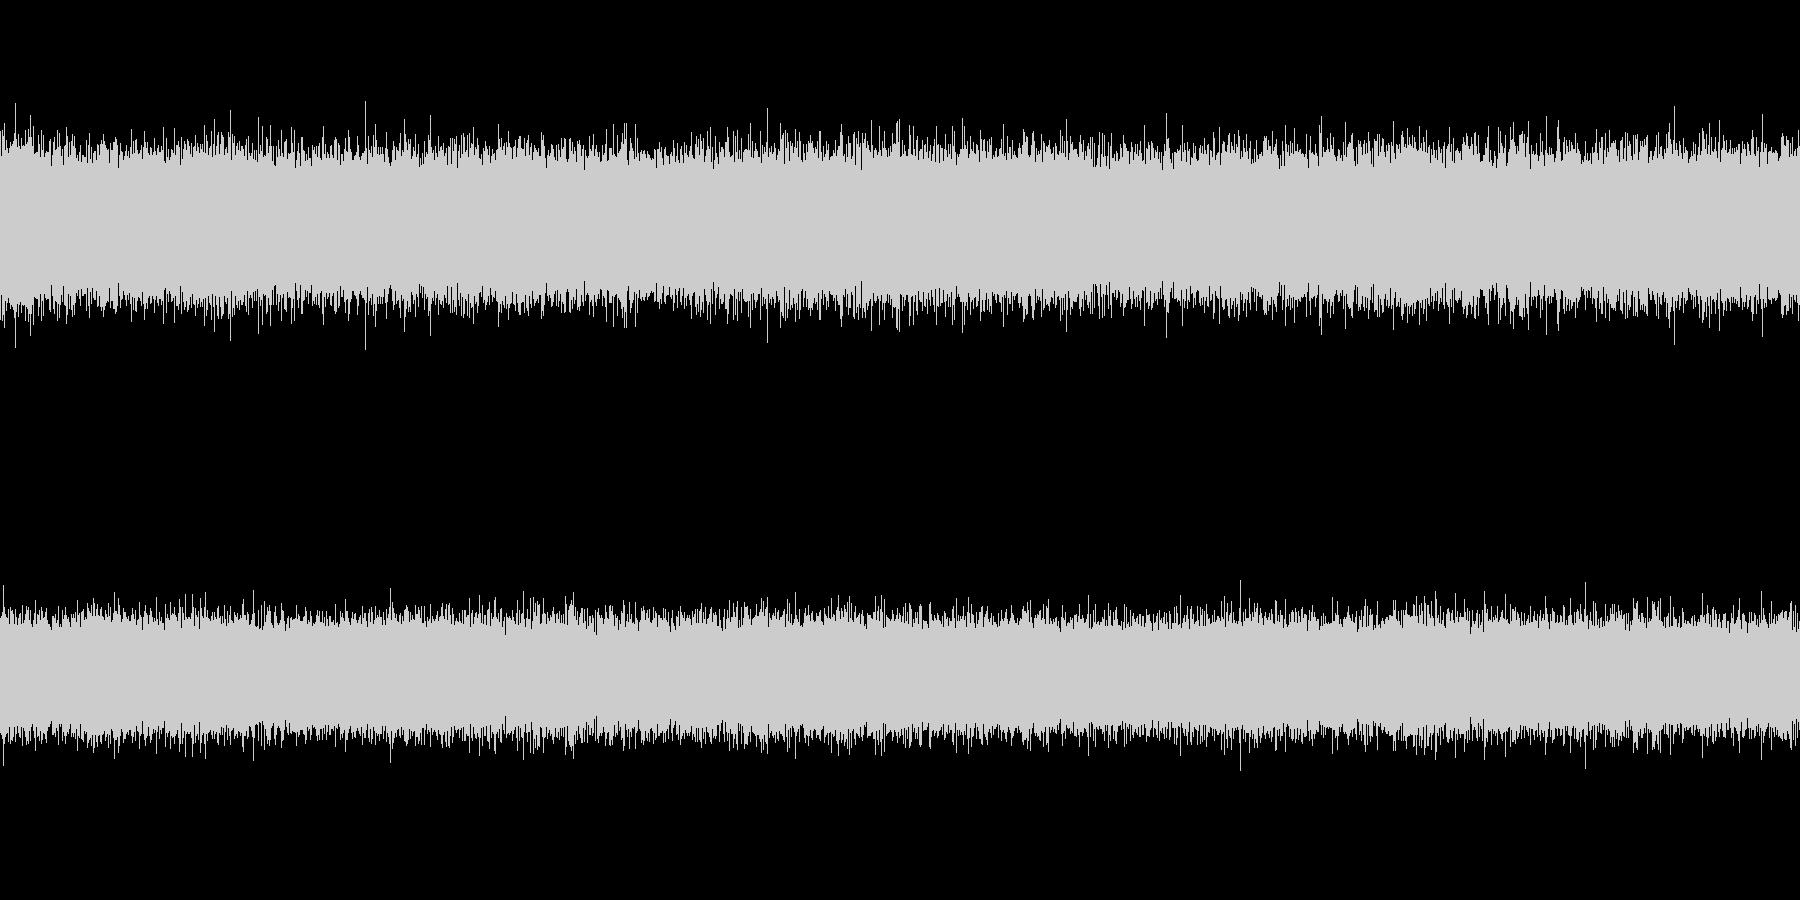 【自然音】セミの鳴き声(ループ可)の未再生の波形